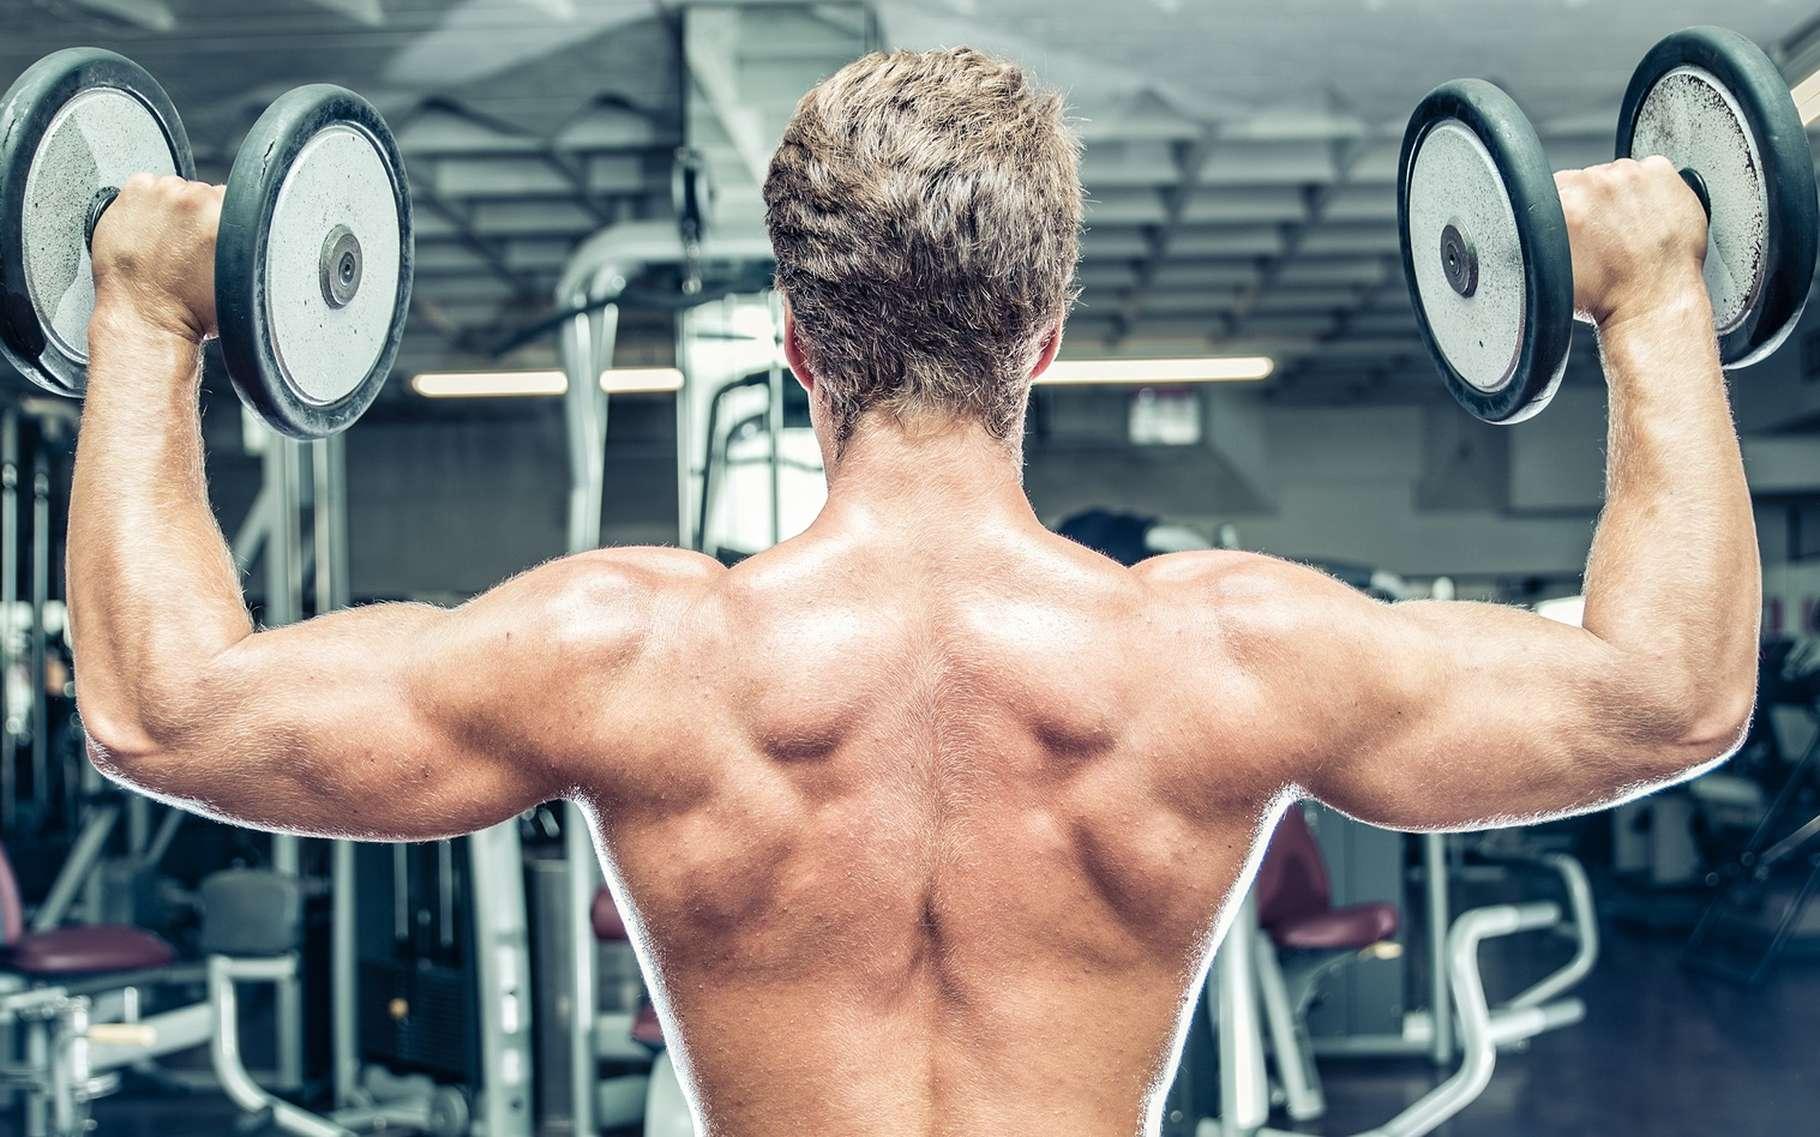 La testostérone favorise le développement musculaire chez l'homme. Elle est aussi un produit dopant et anabolisant. © oneinchpunch, Shutterstock